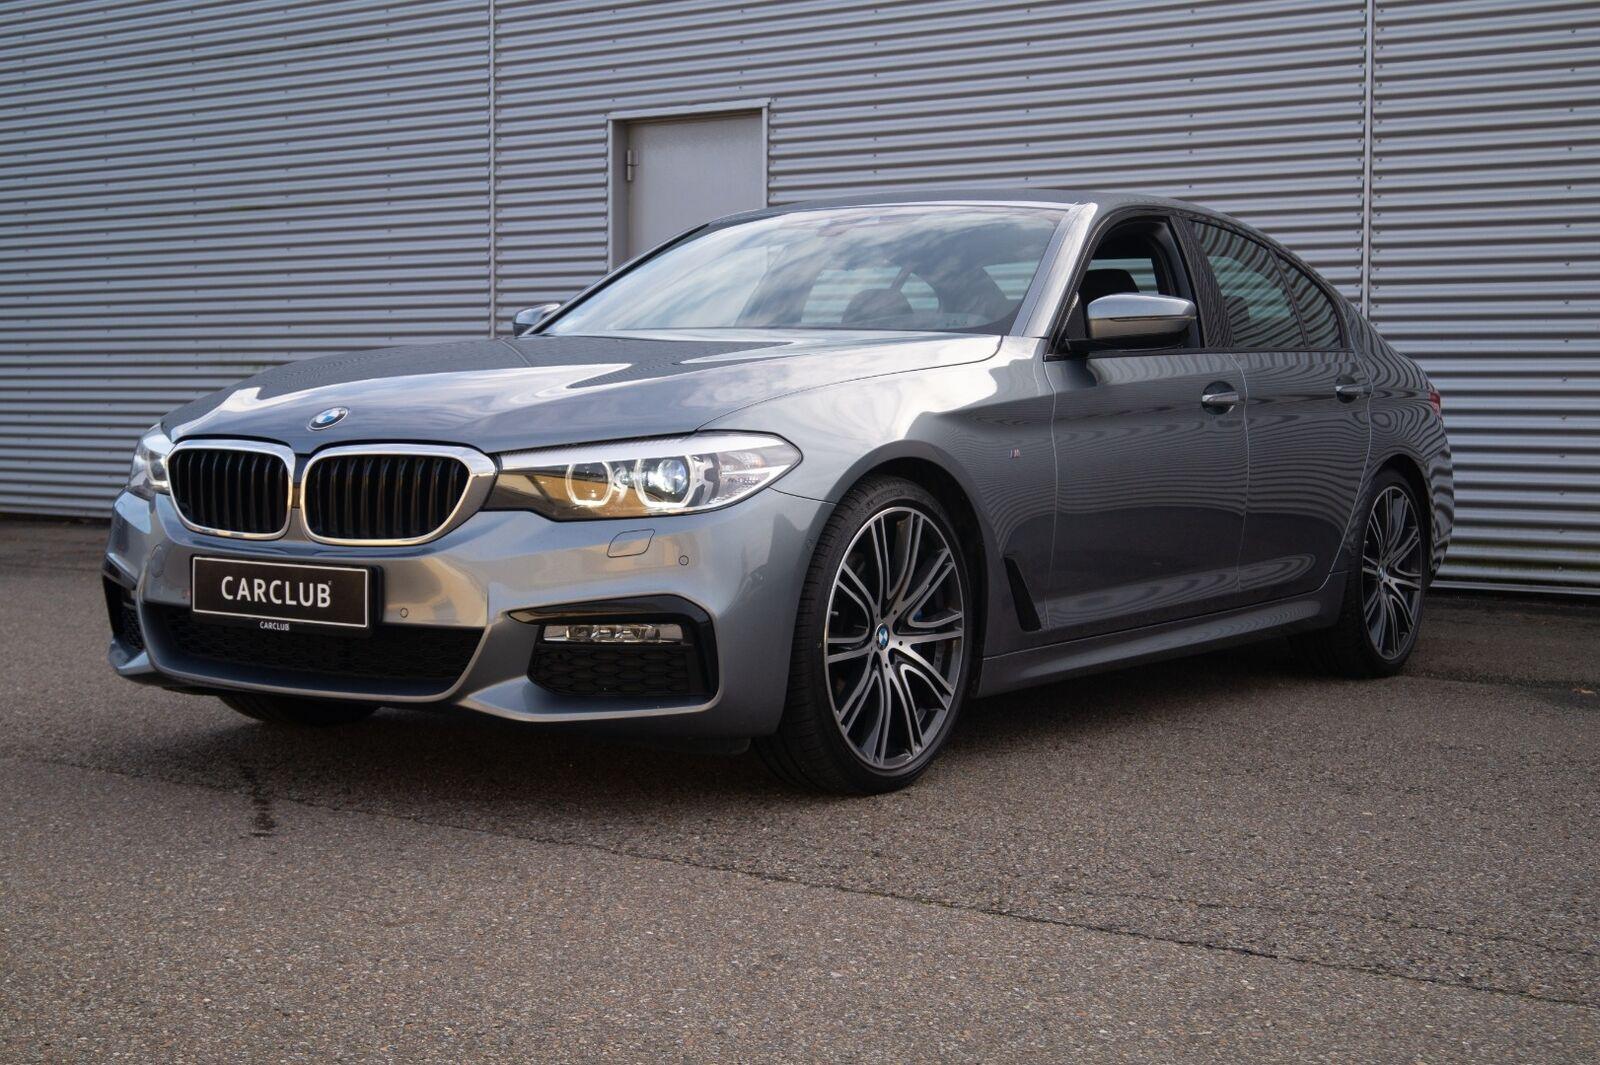 BMW 530i 2,0 M-Sport aut. 4d - 549.900 kr.